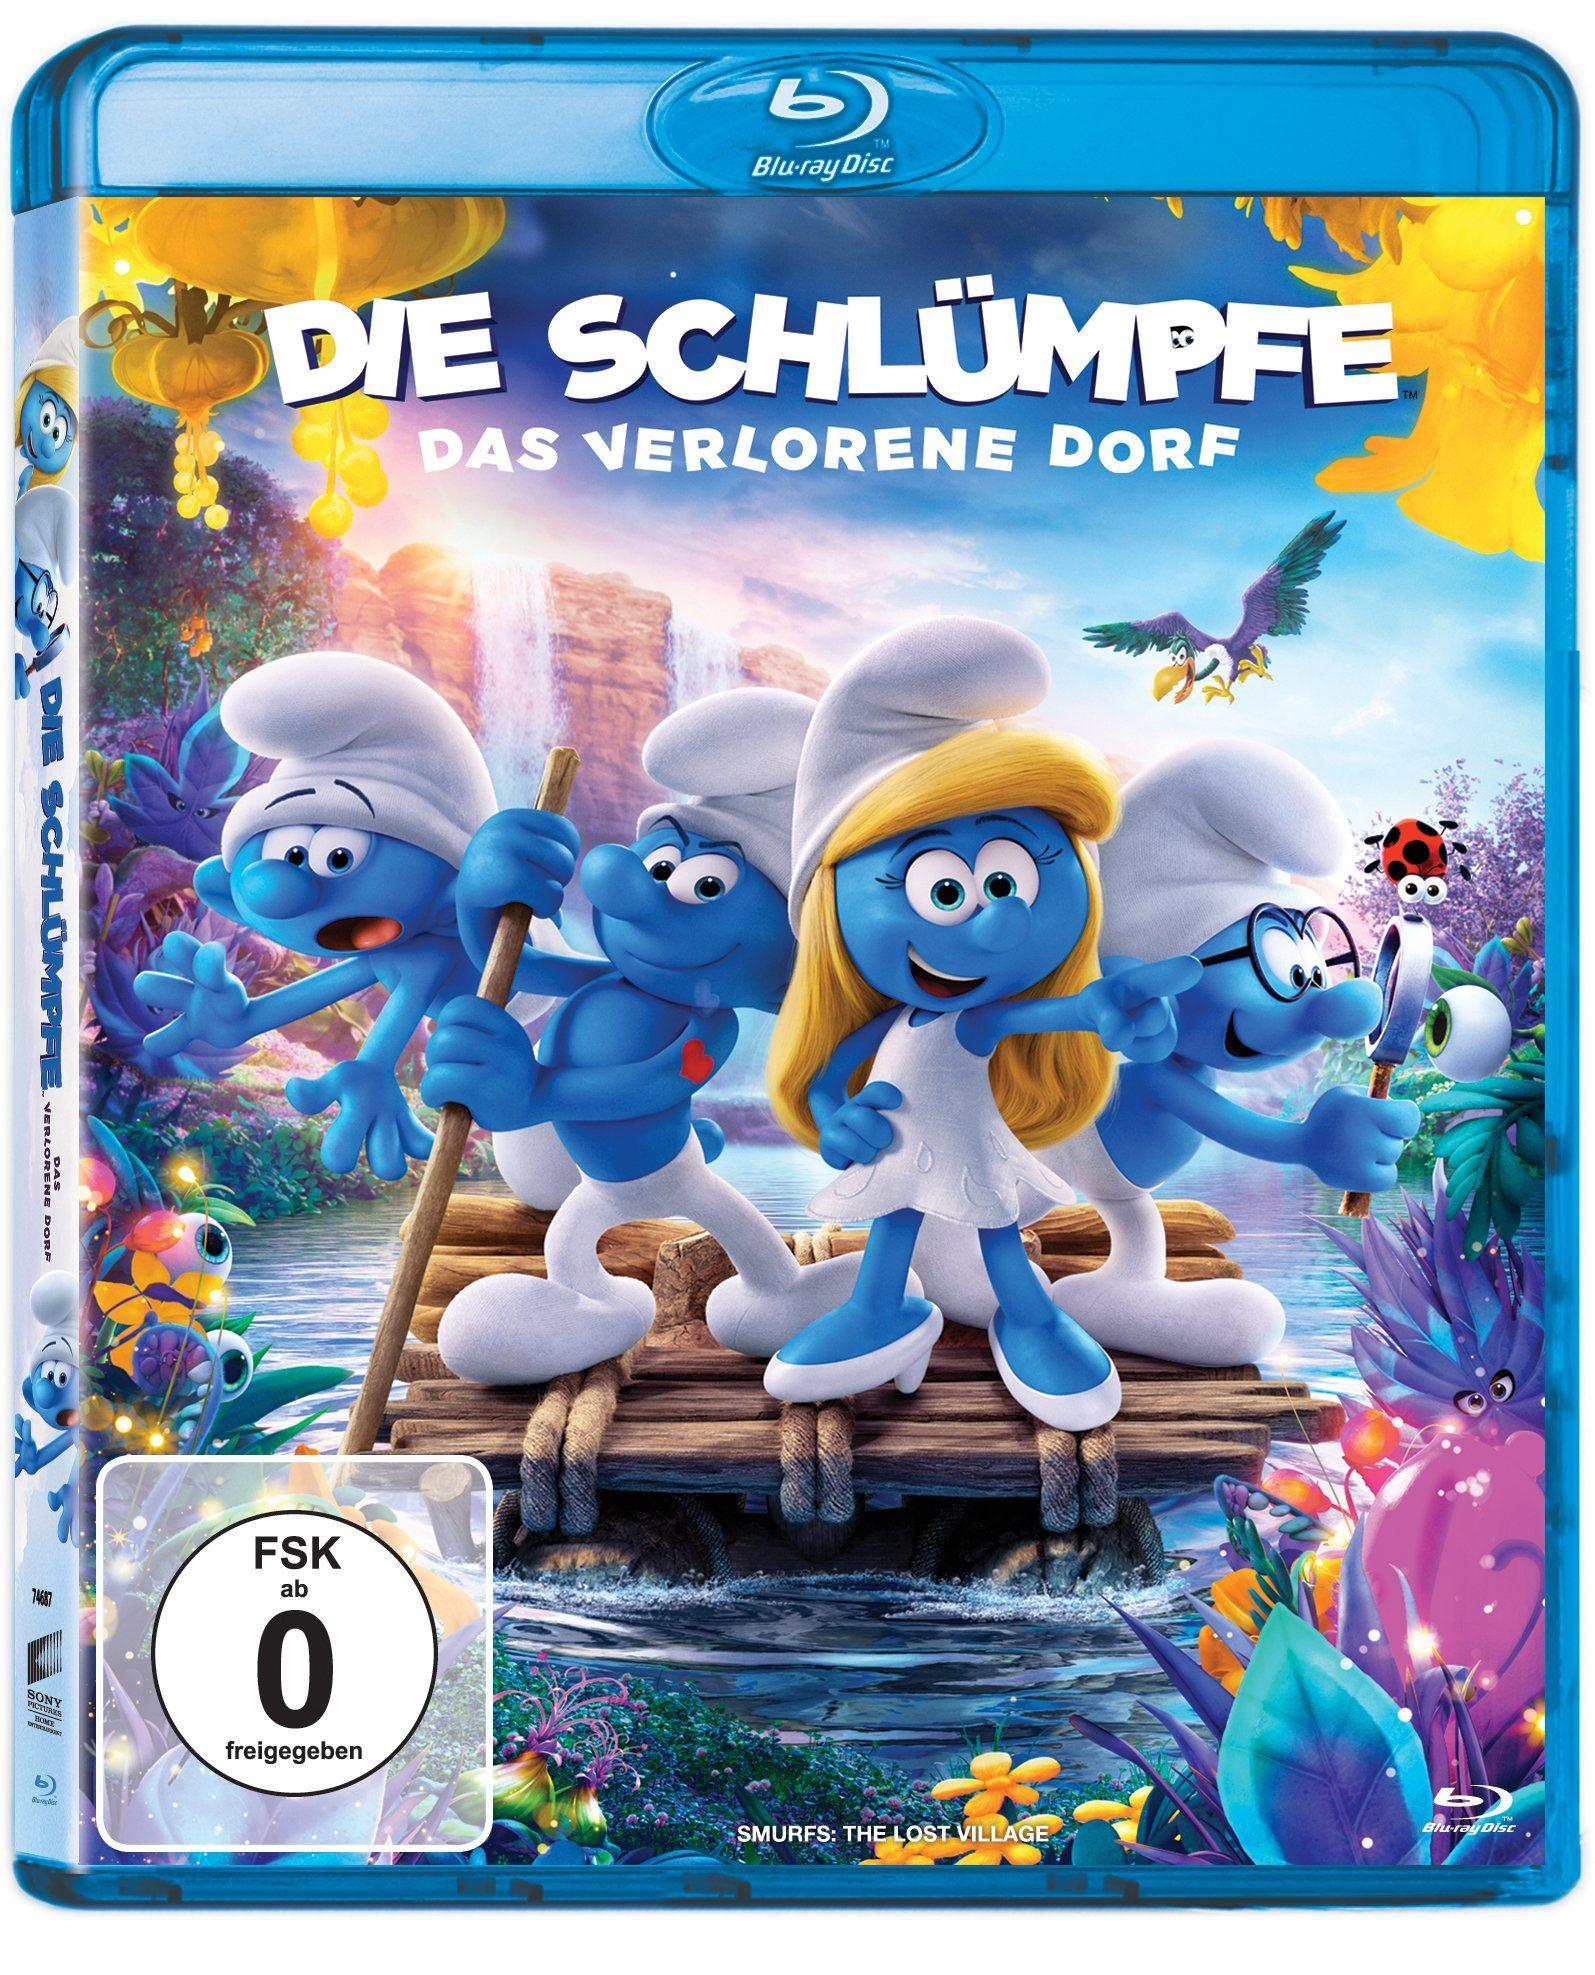 Sony Pictures Blu-ray »Die Schlümpfe - Das verlorene Dorf«